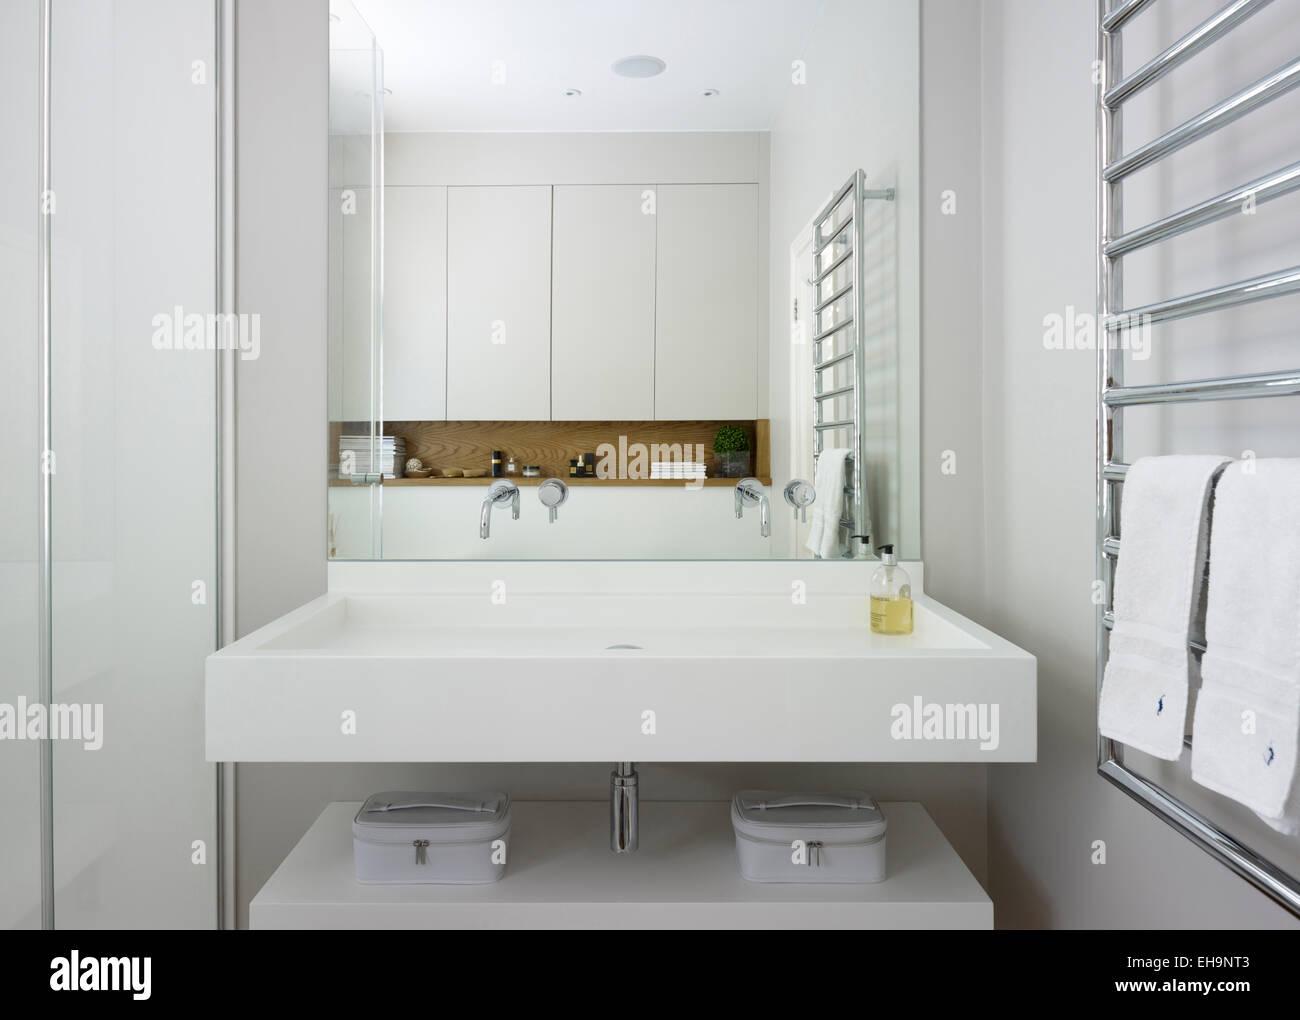 Doppelwaschtisch Mit Spiegel über Mit Regale Reflexion In Bad